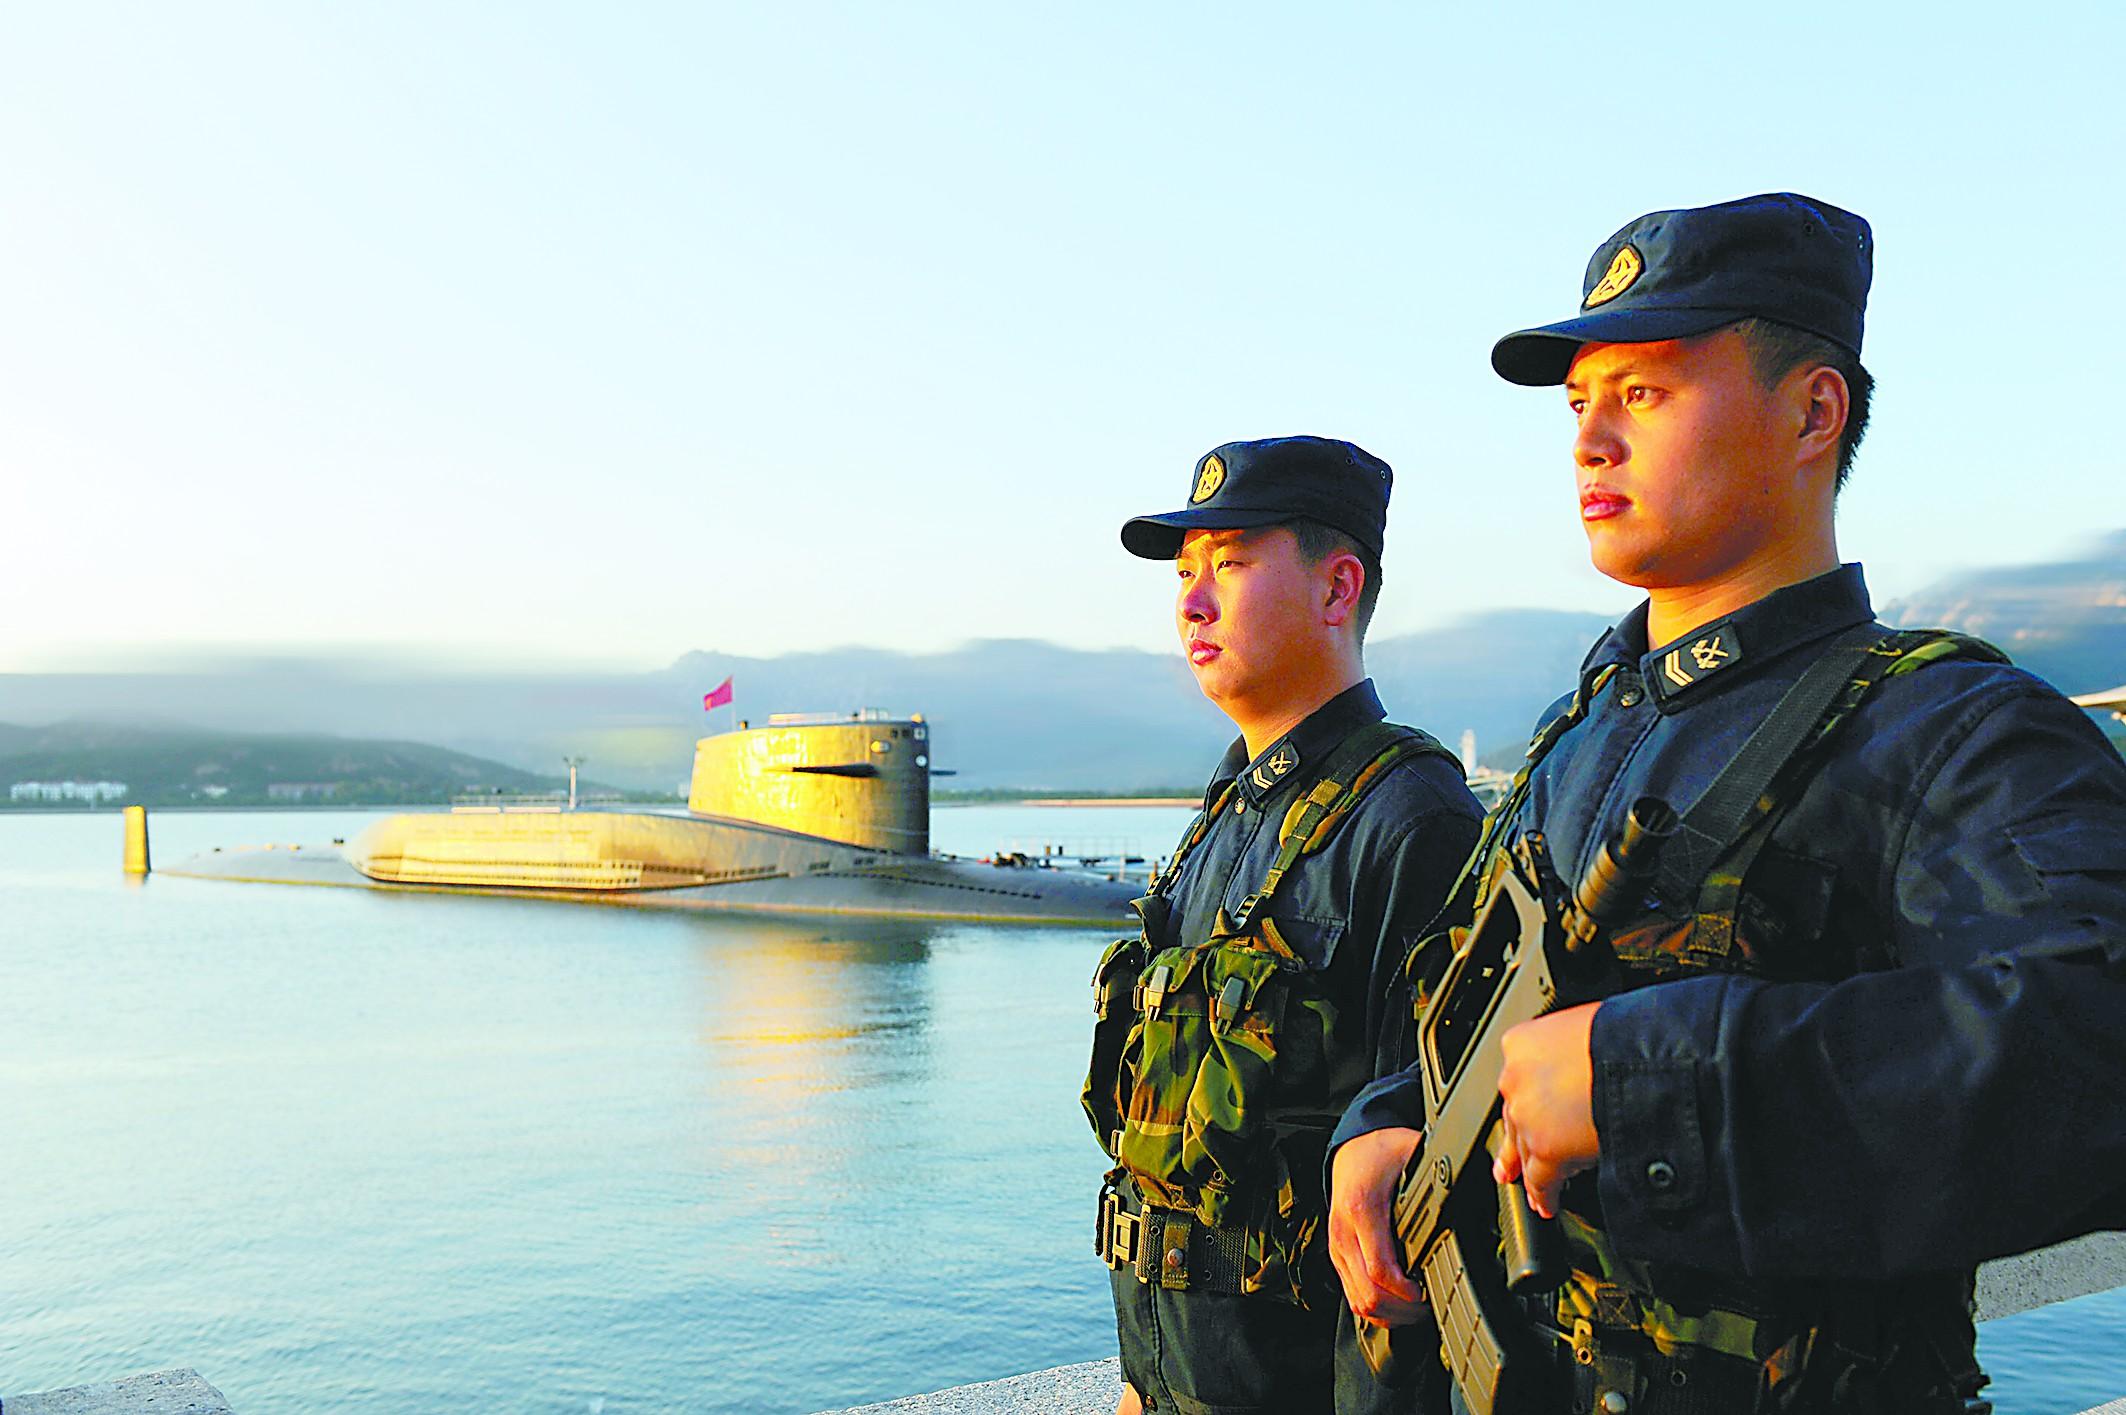 社评:战略核潜艇值班将增加中国安全